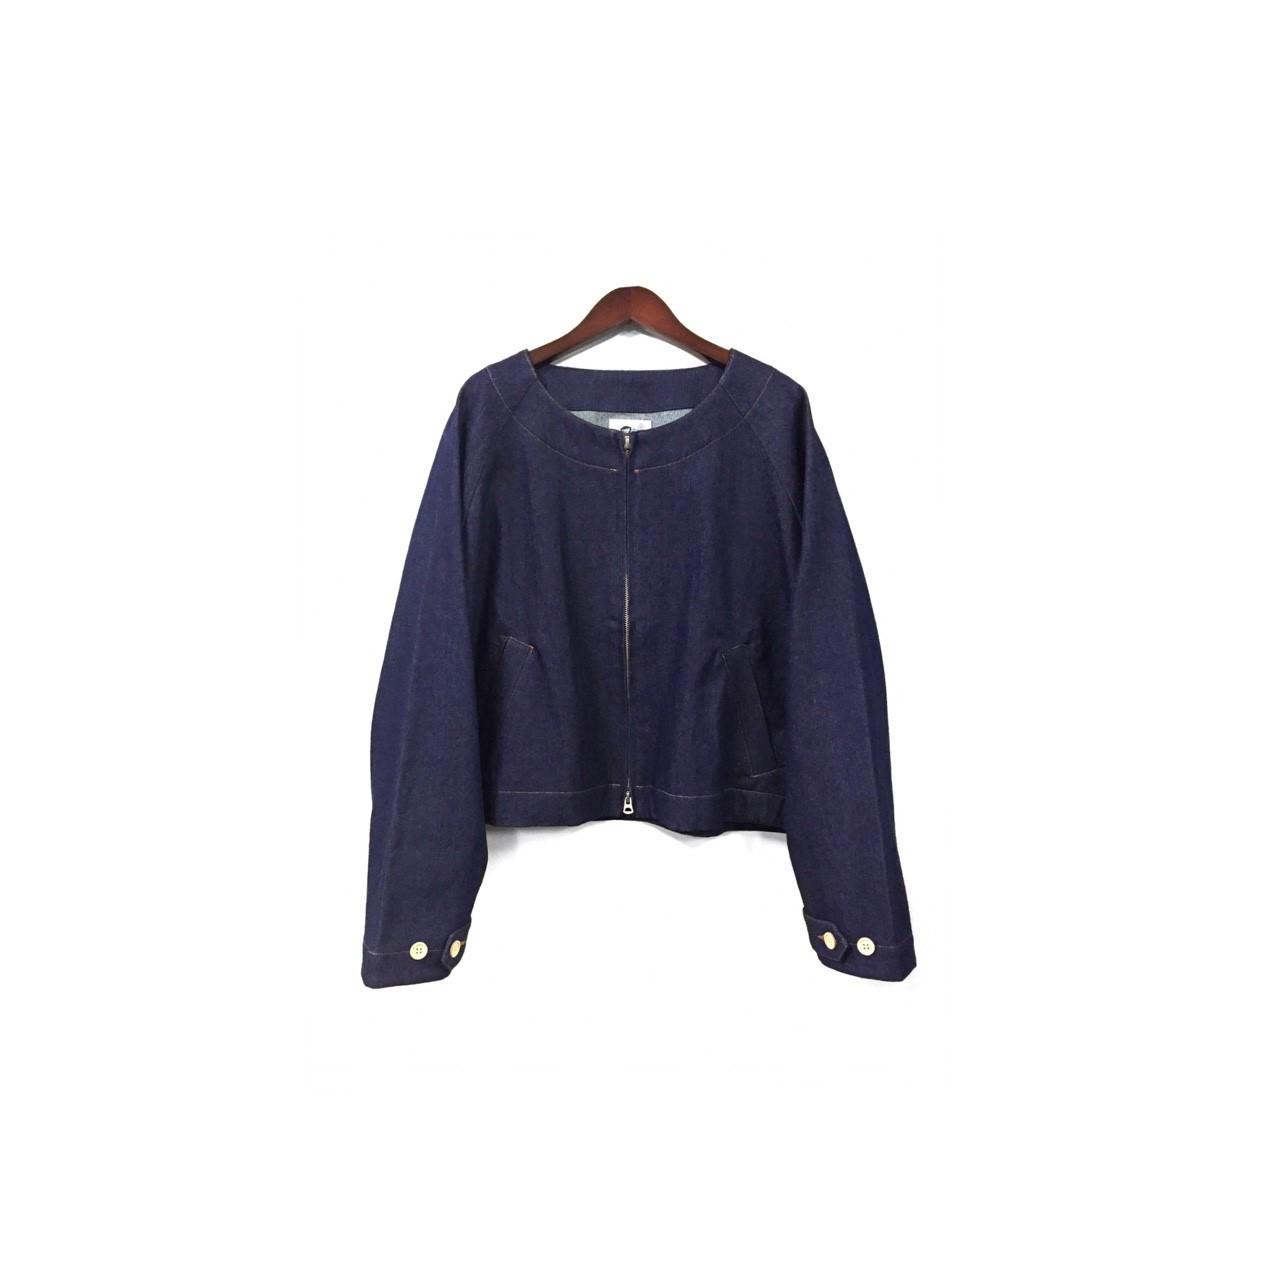 yotsuba - Nocollar Denim Jacket / Indigo ¥23000+tax